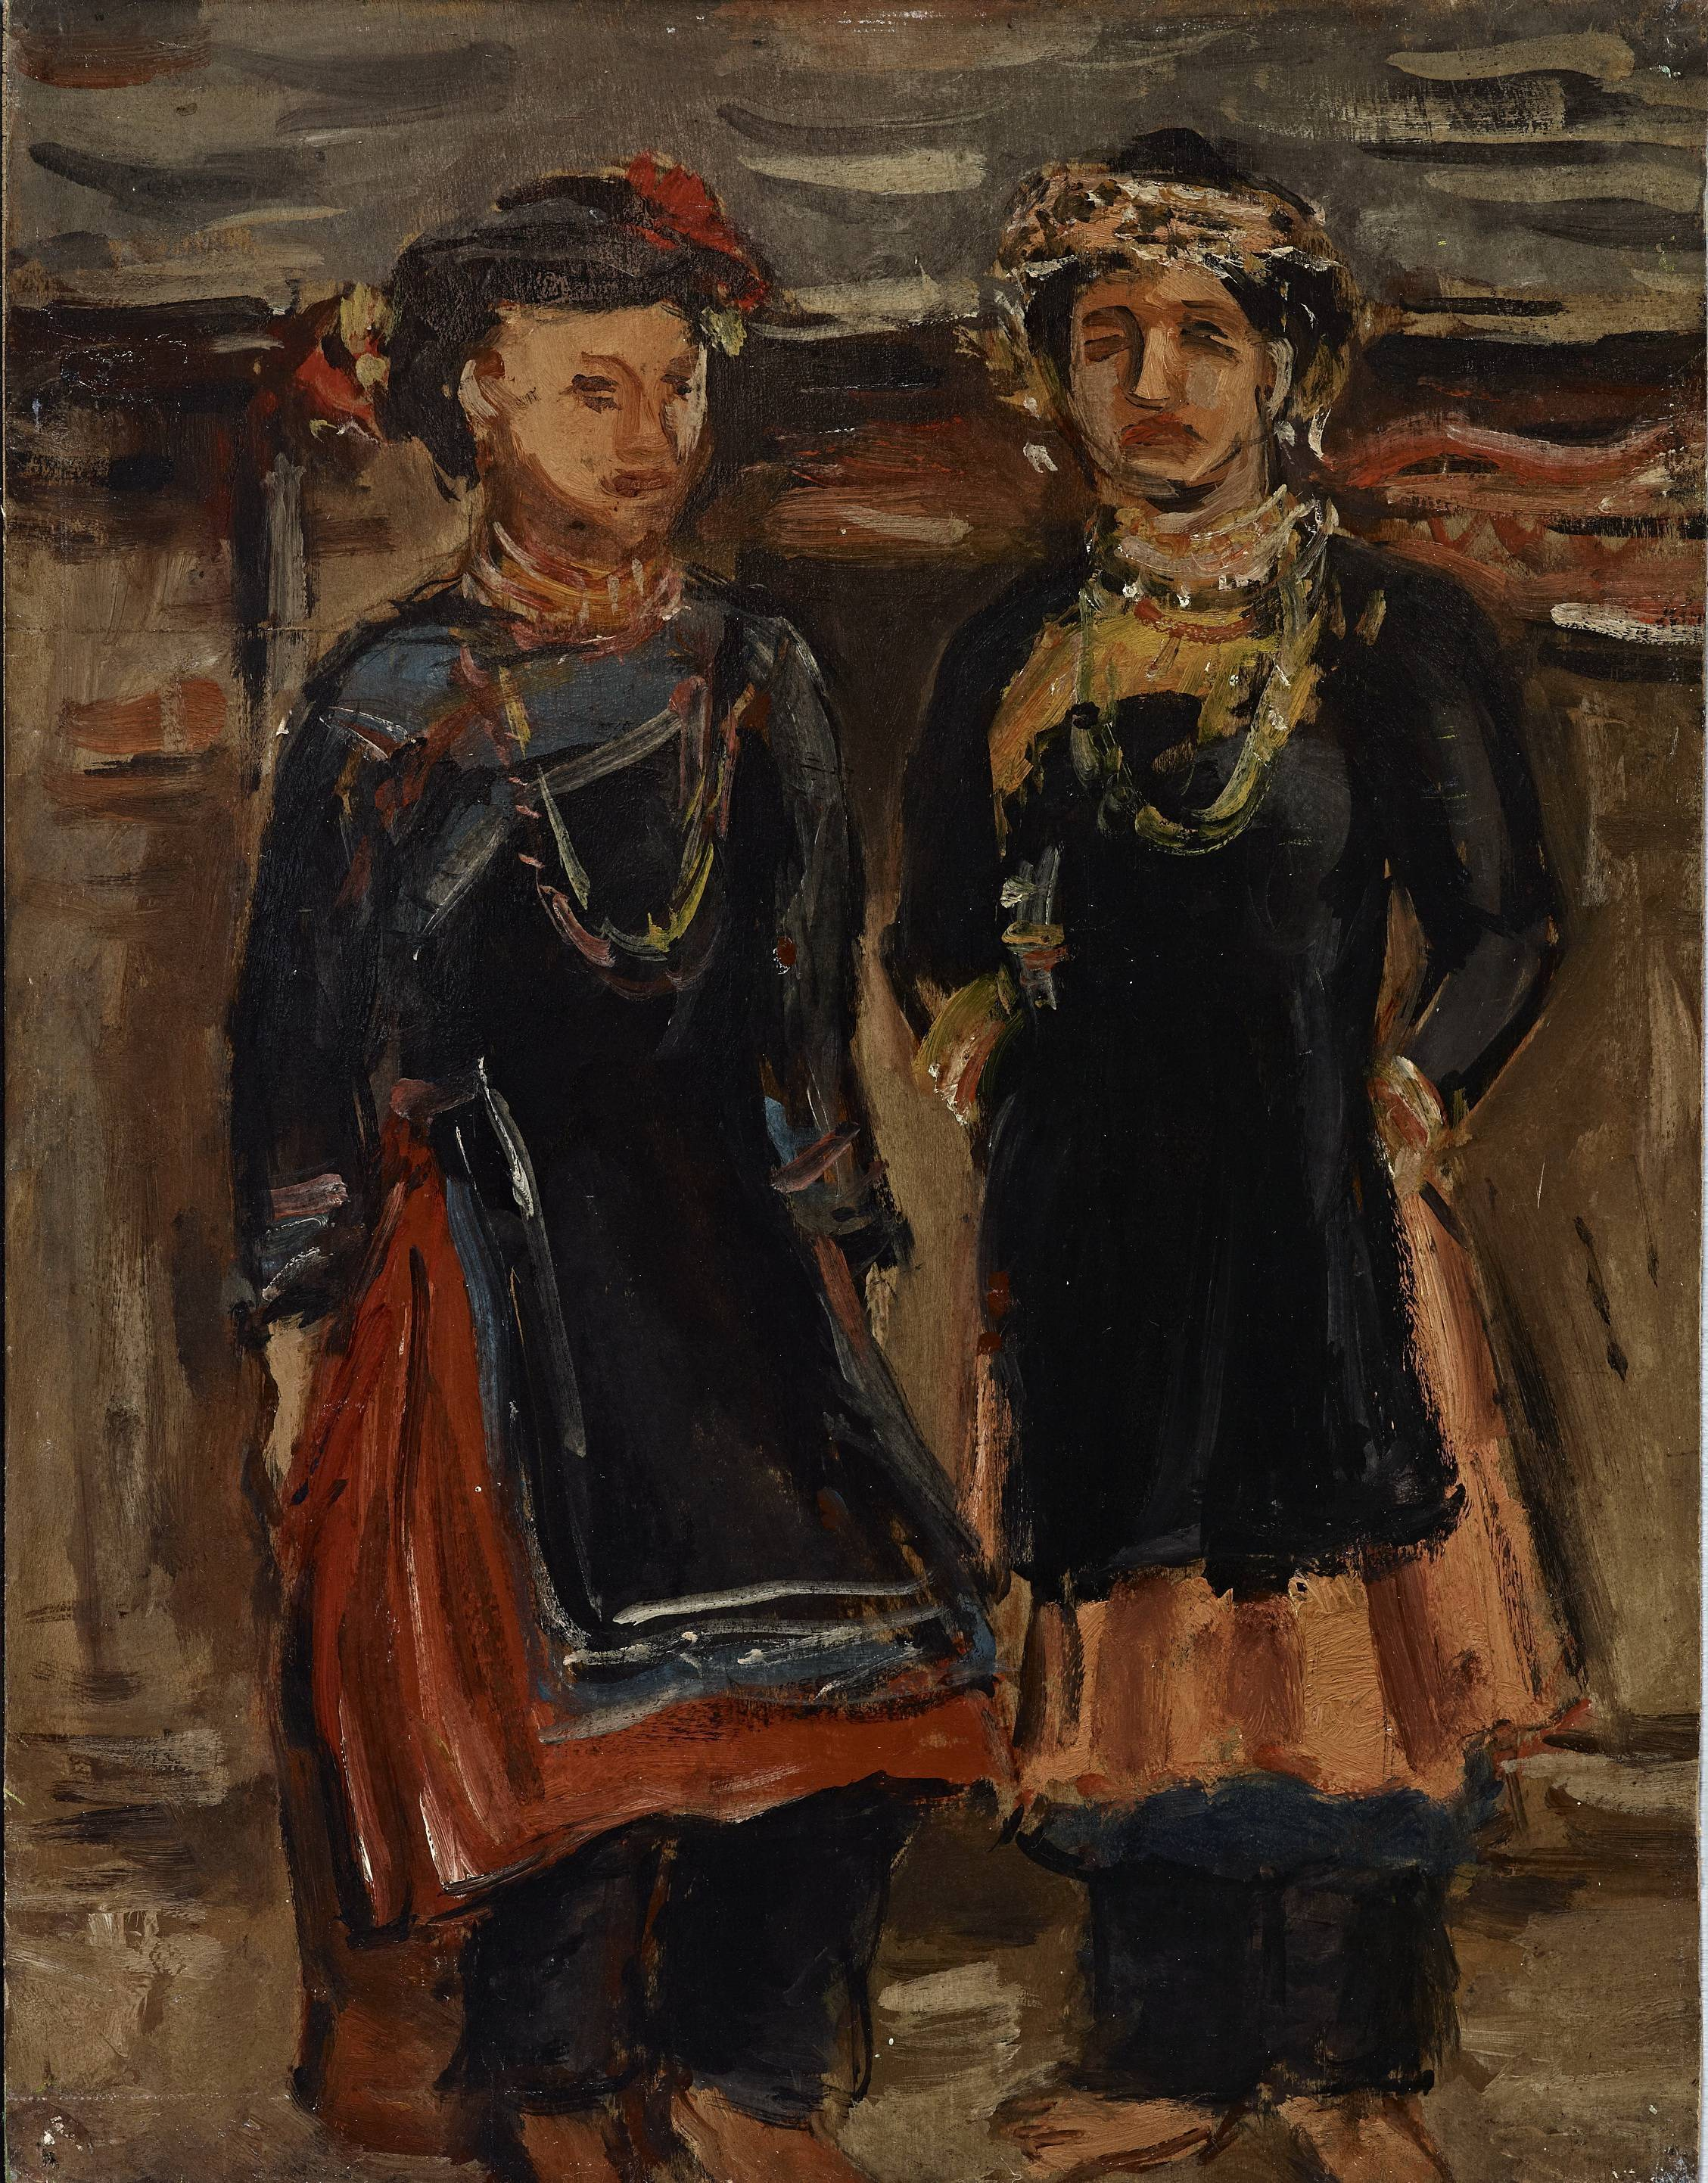 楊三郎|著禮服的原住民|1929|油彩|41x31.5cm